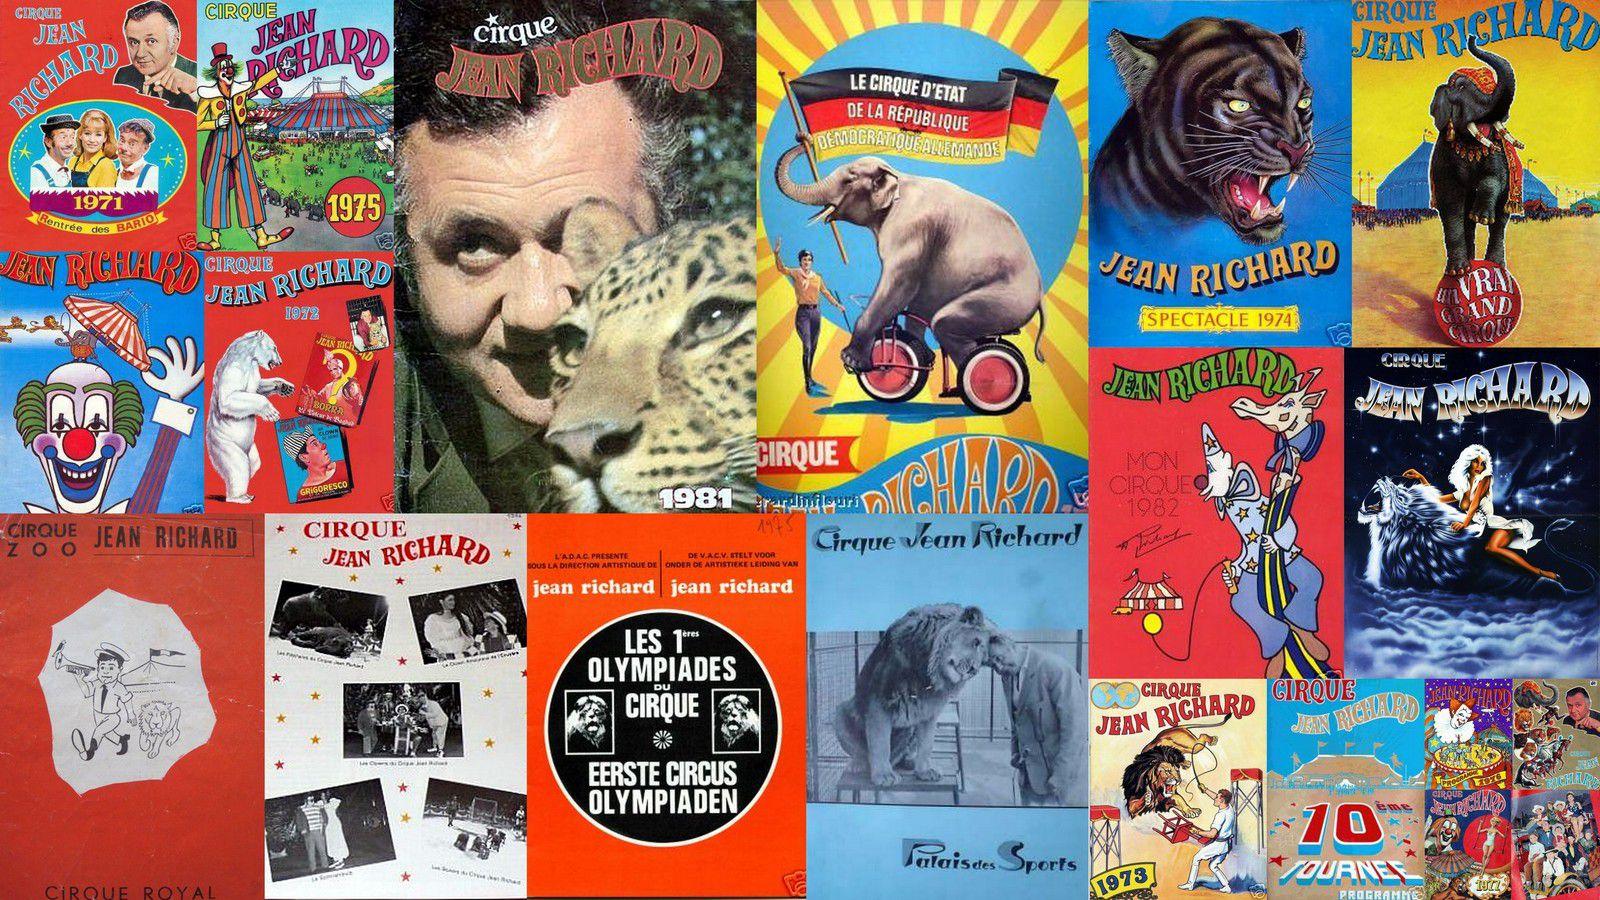 Quelques visuels du Cirque du comédien Jean Richard